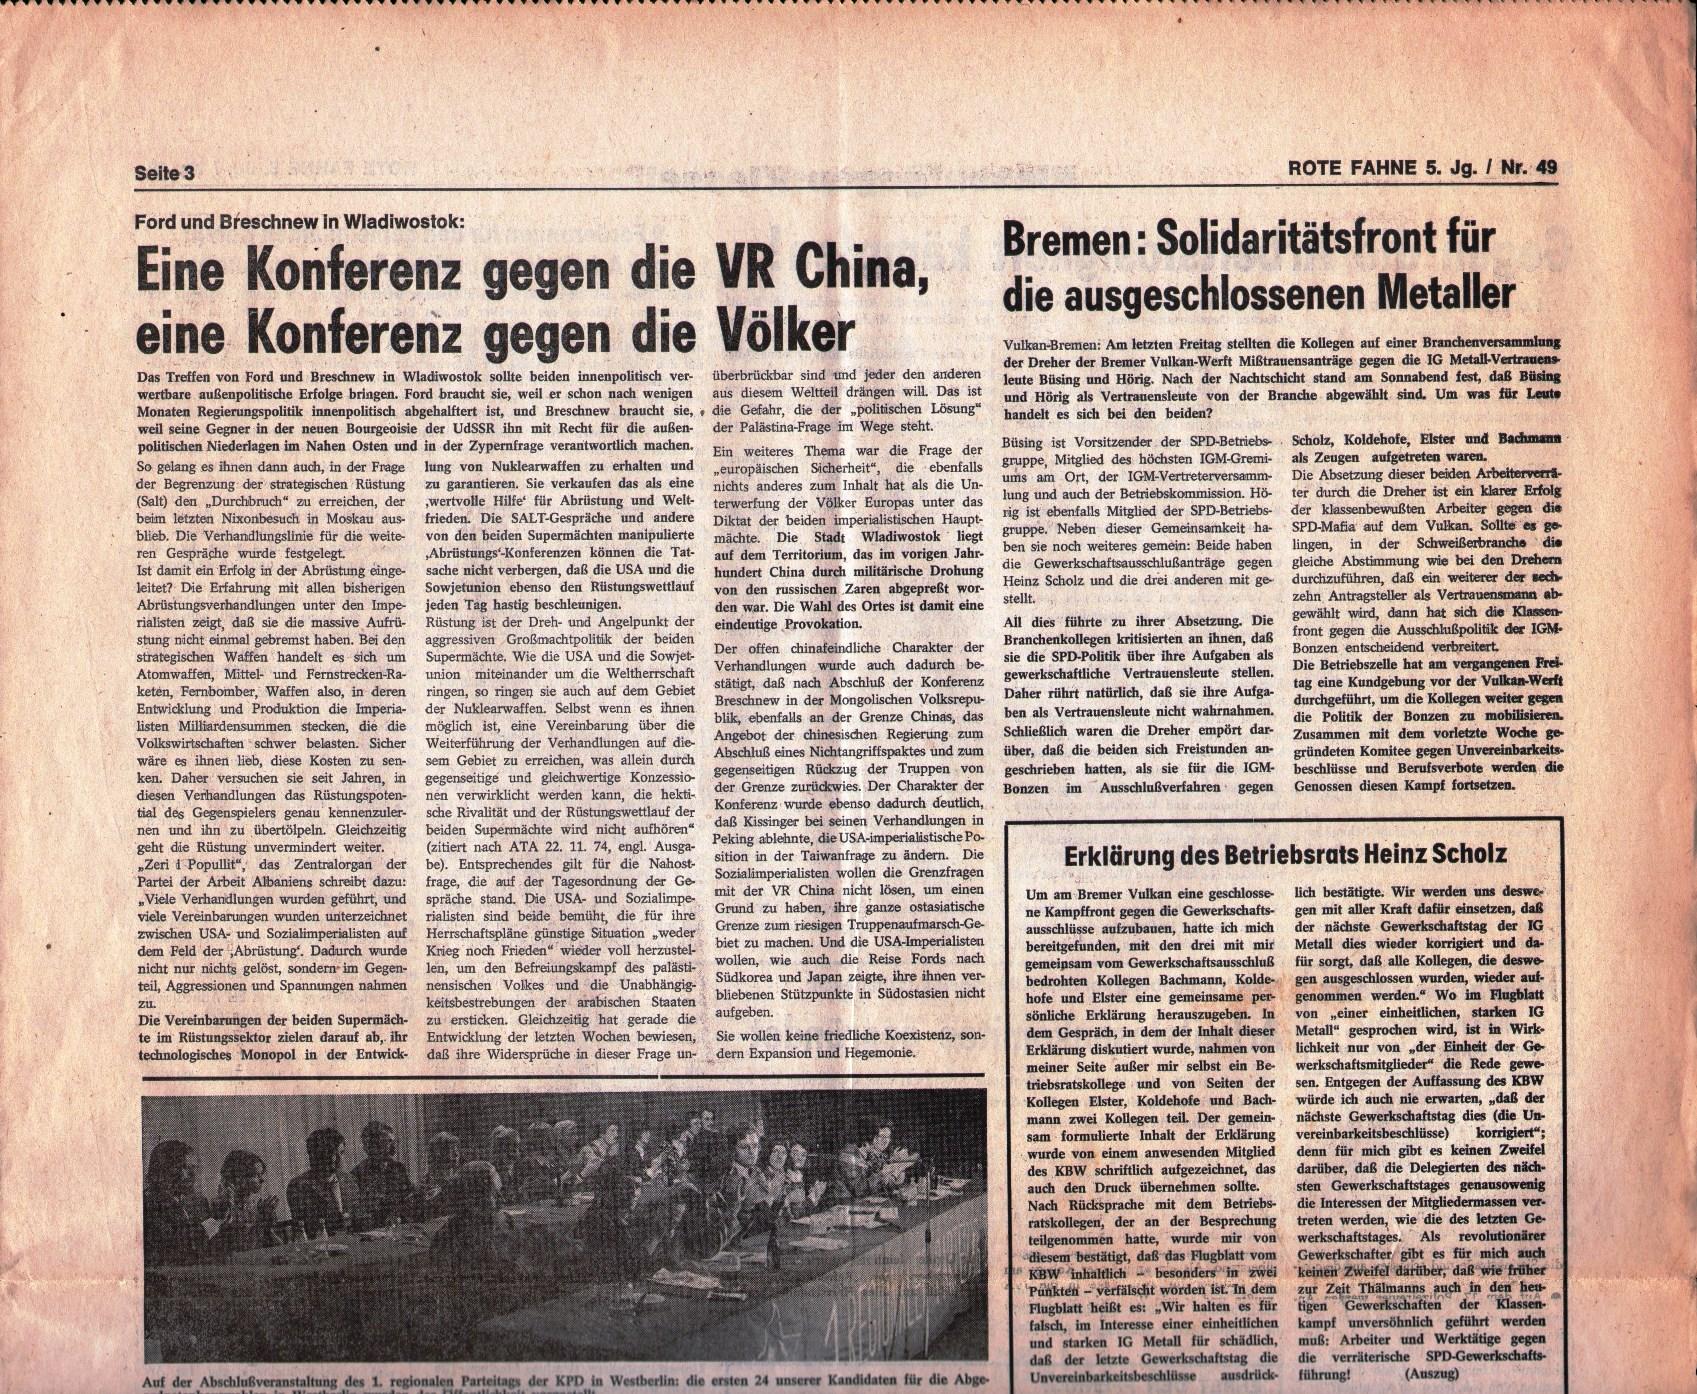 KPD_Rote_Fahne_1974_49_05